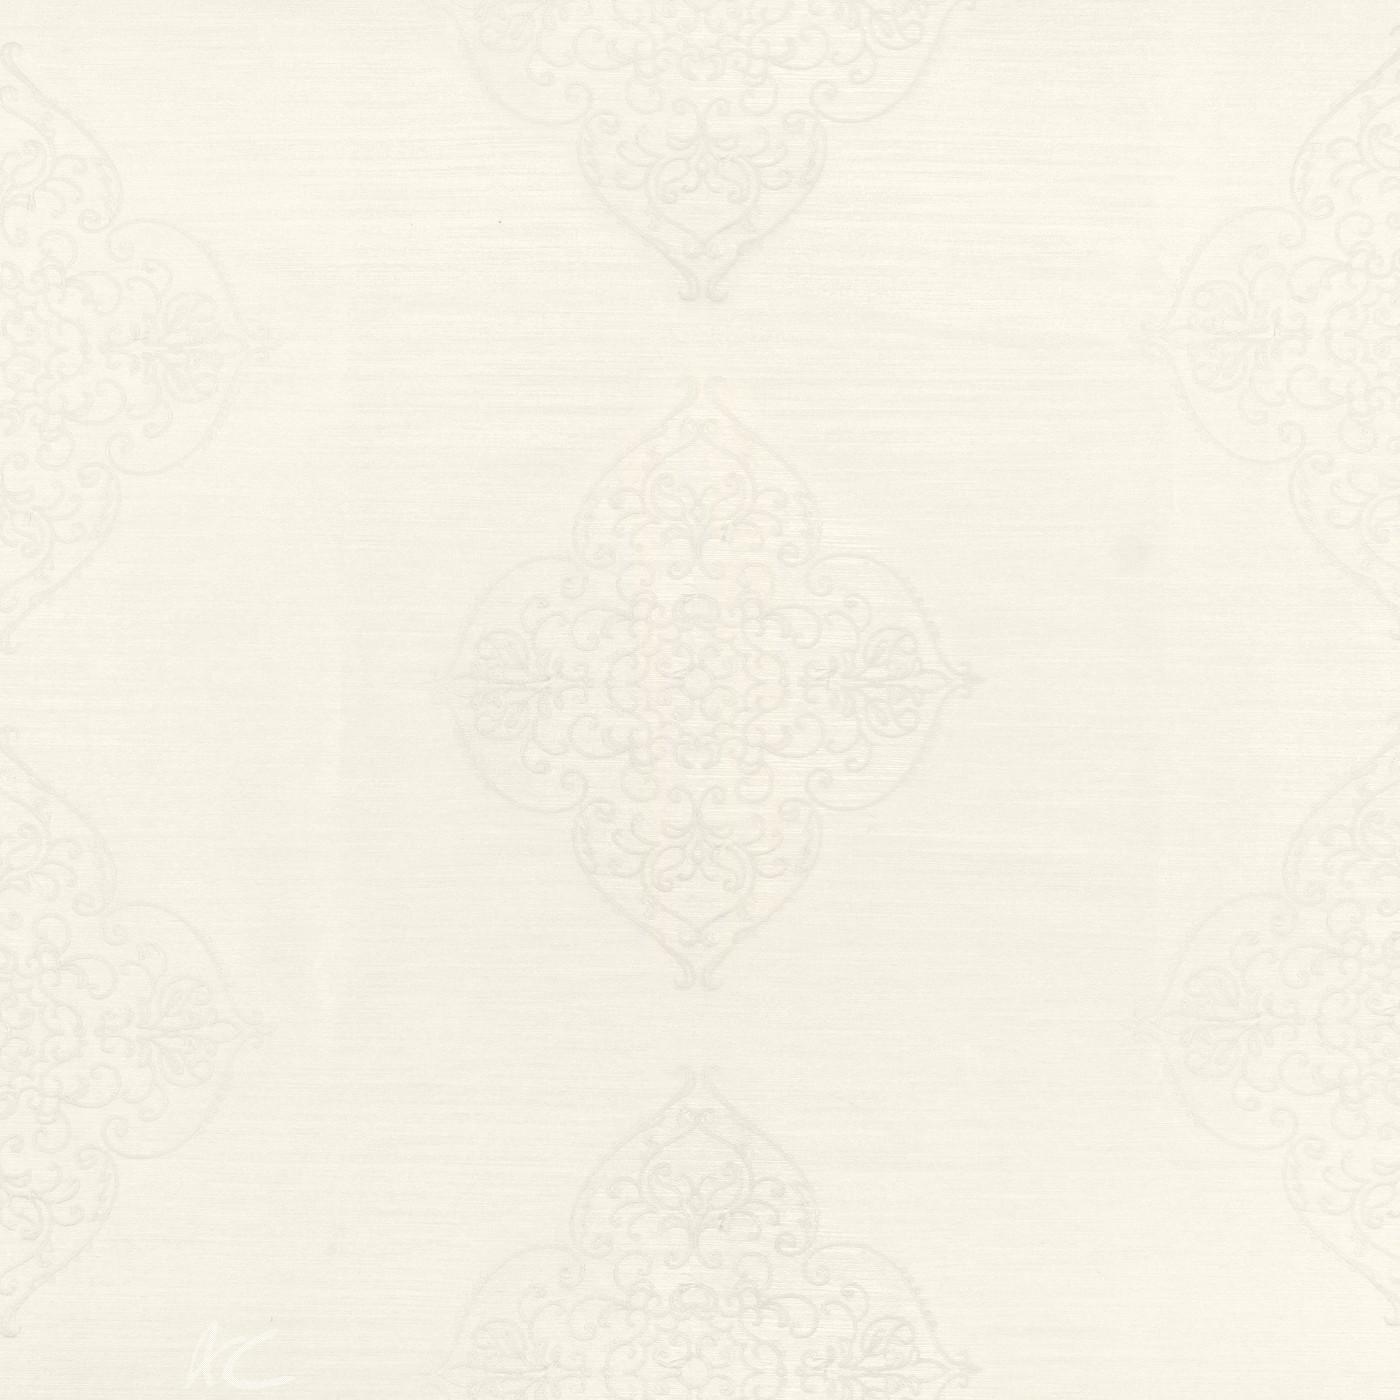 Prestigious Textiles Baroque Estelle Pearl Curtain Fabric